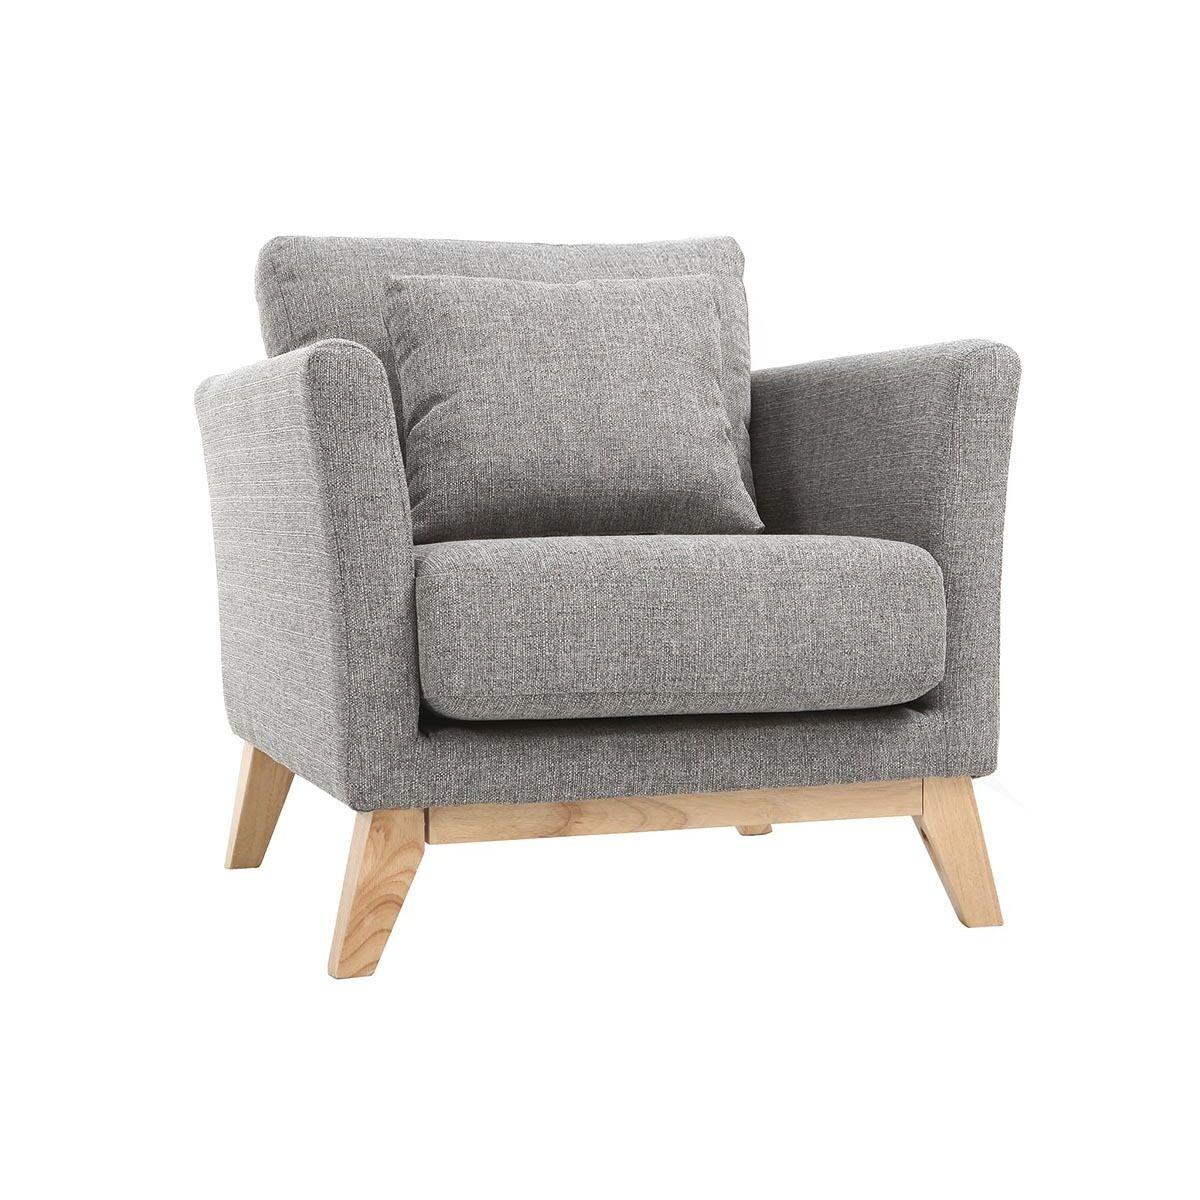 Miliboo Fauteuil scandinave déhoussable gris clair et pieds bois clair OSLO